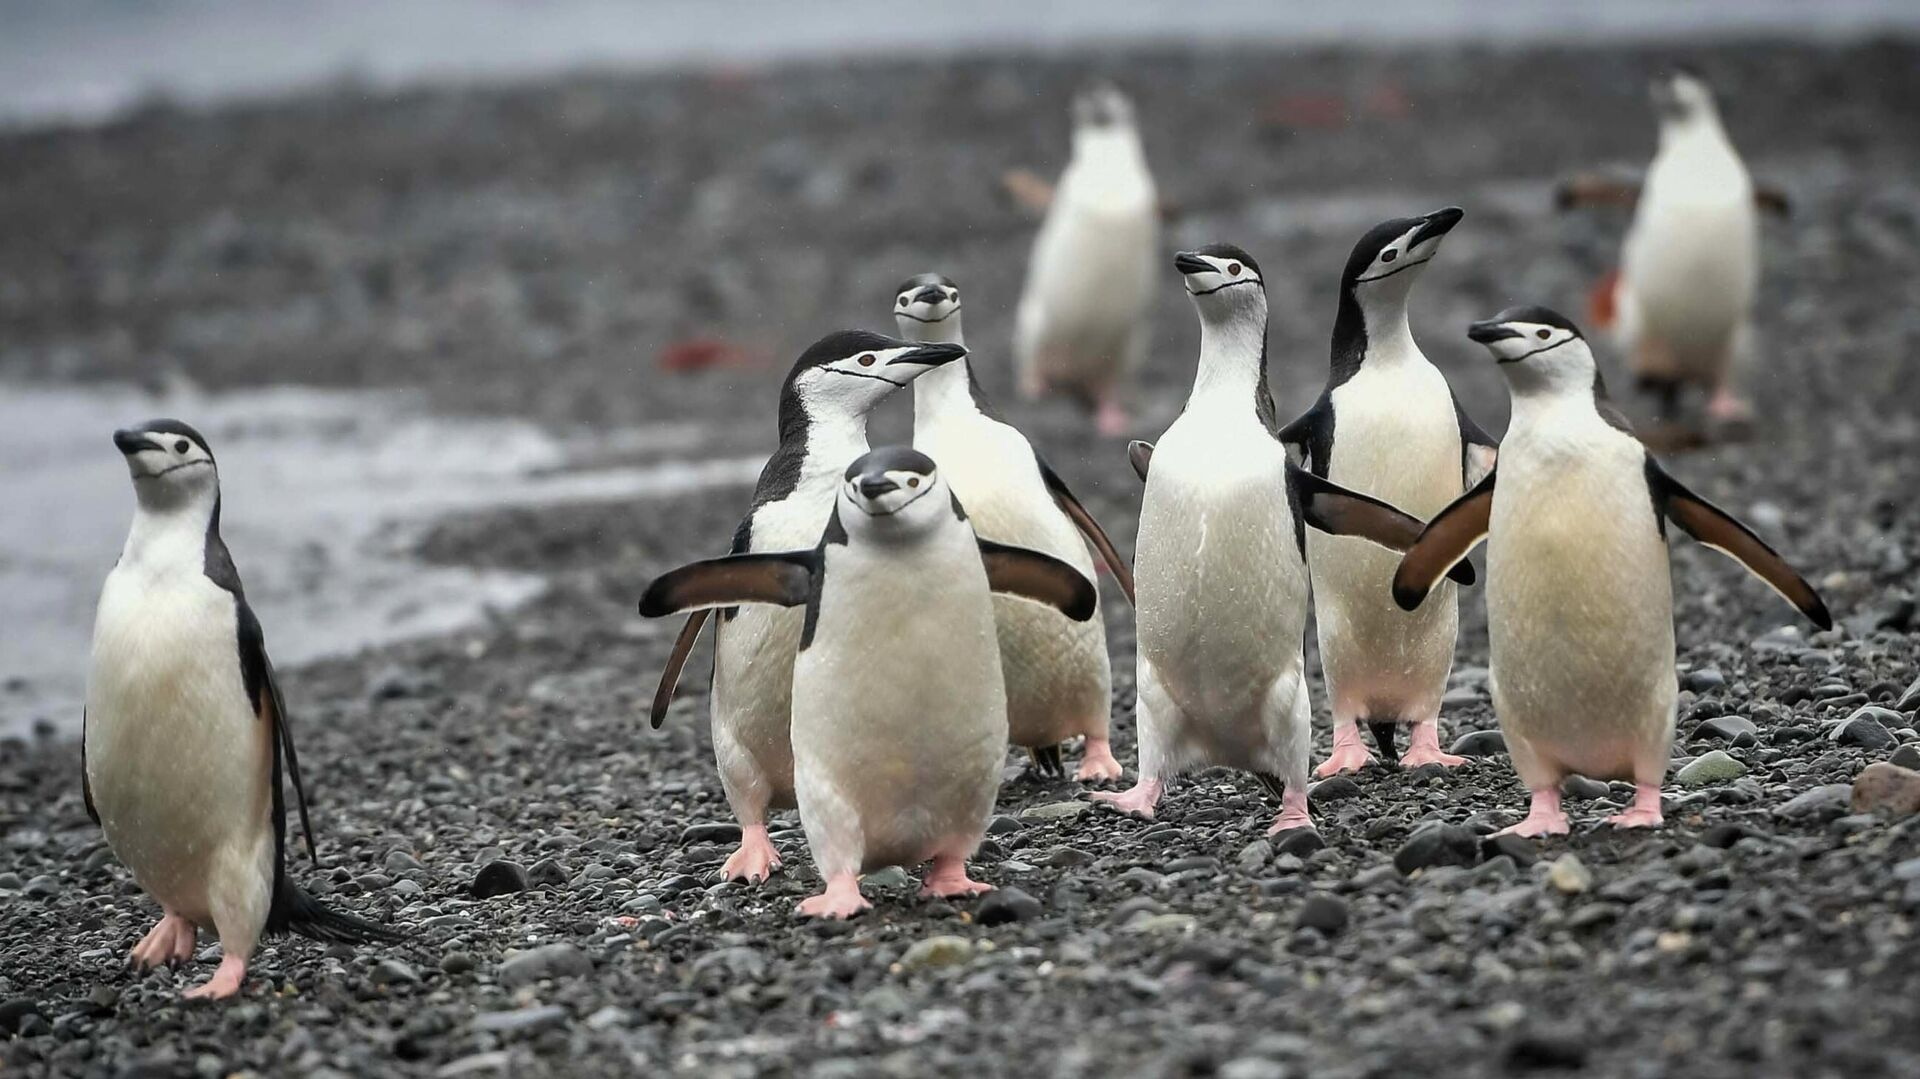 Антарктические пингвины на острове Кинг-Джордж (Ватерлоо) в Антарктиде - РИА Новости, 1920, 22.12.2020